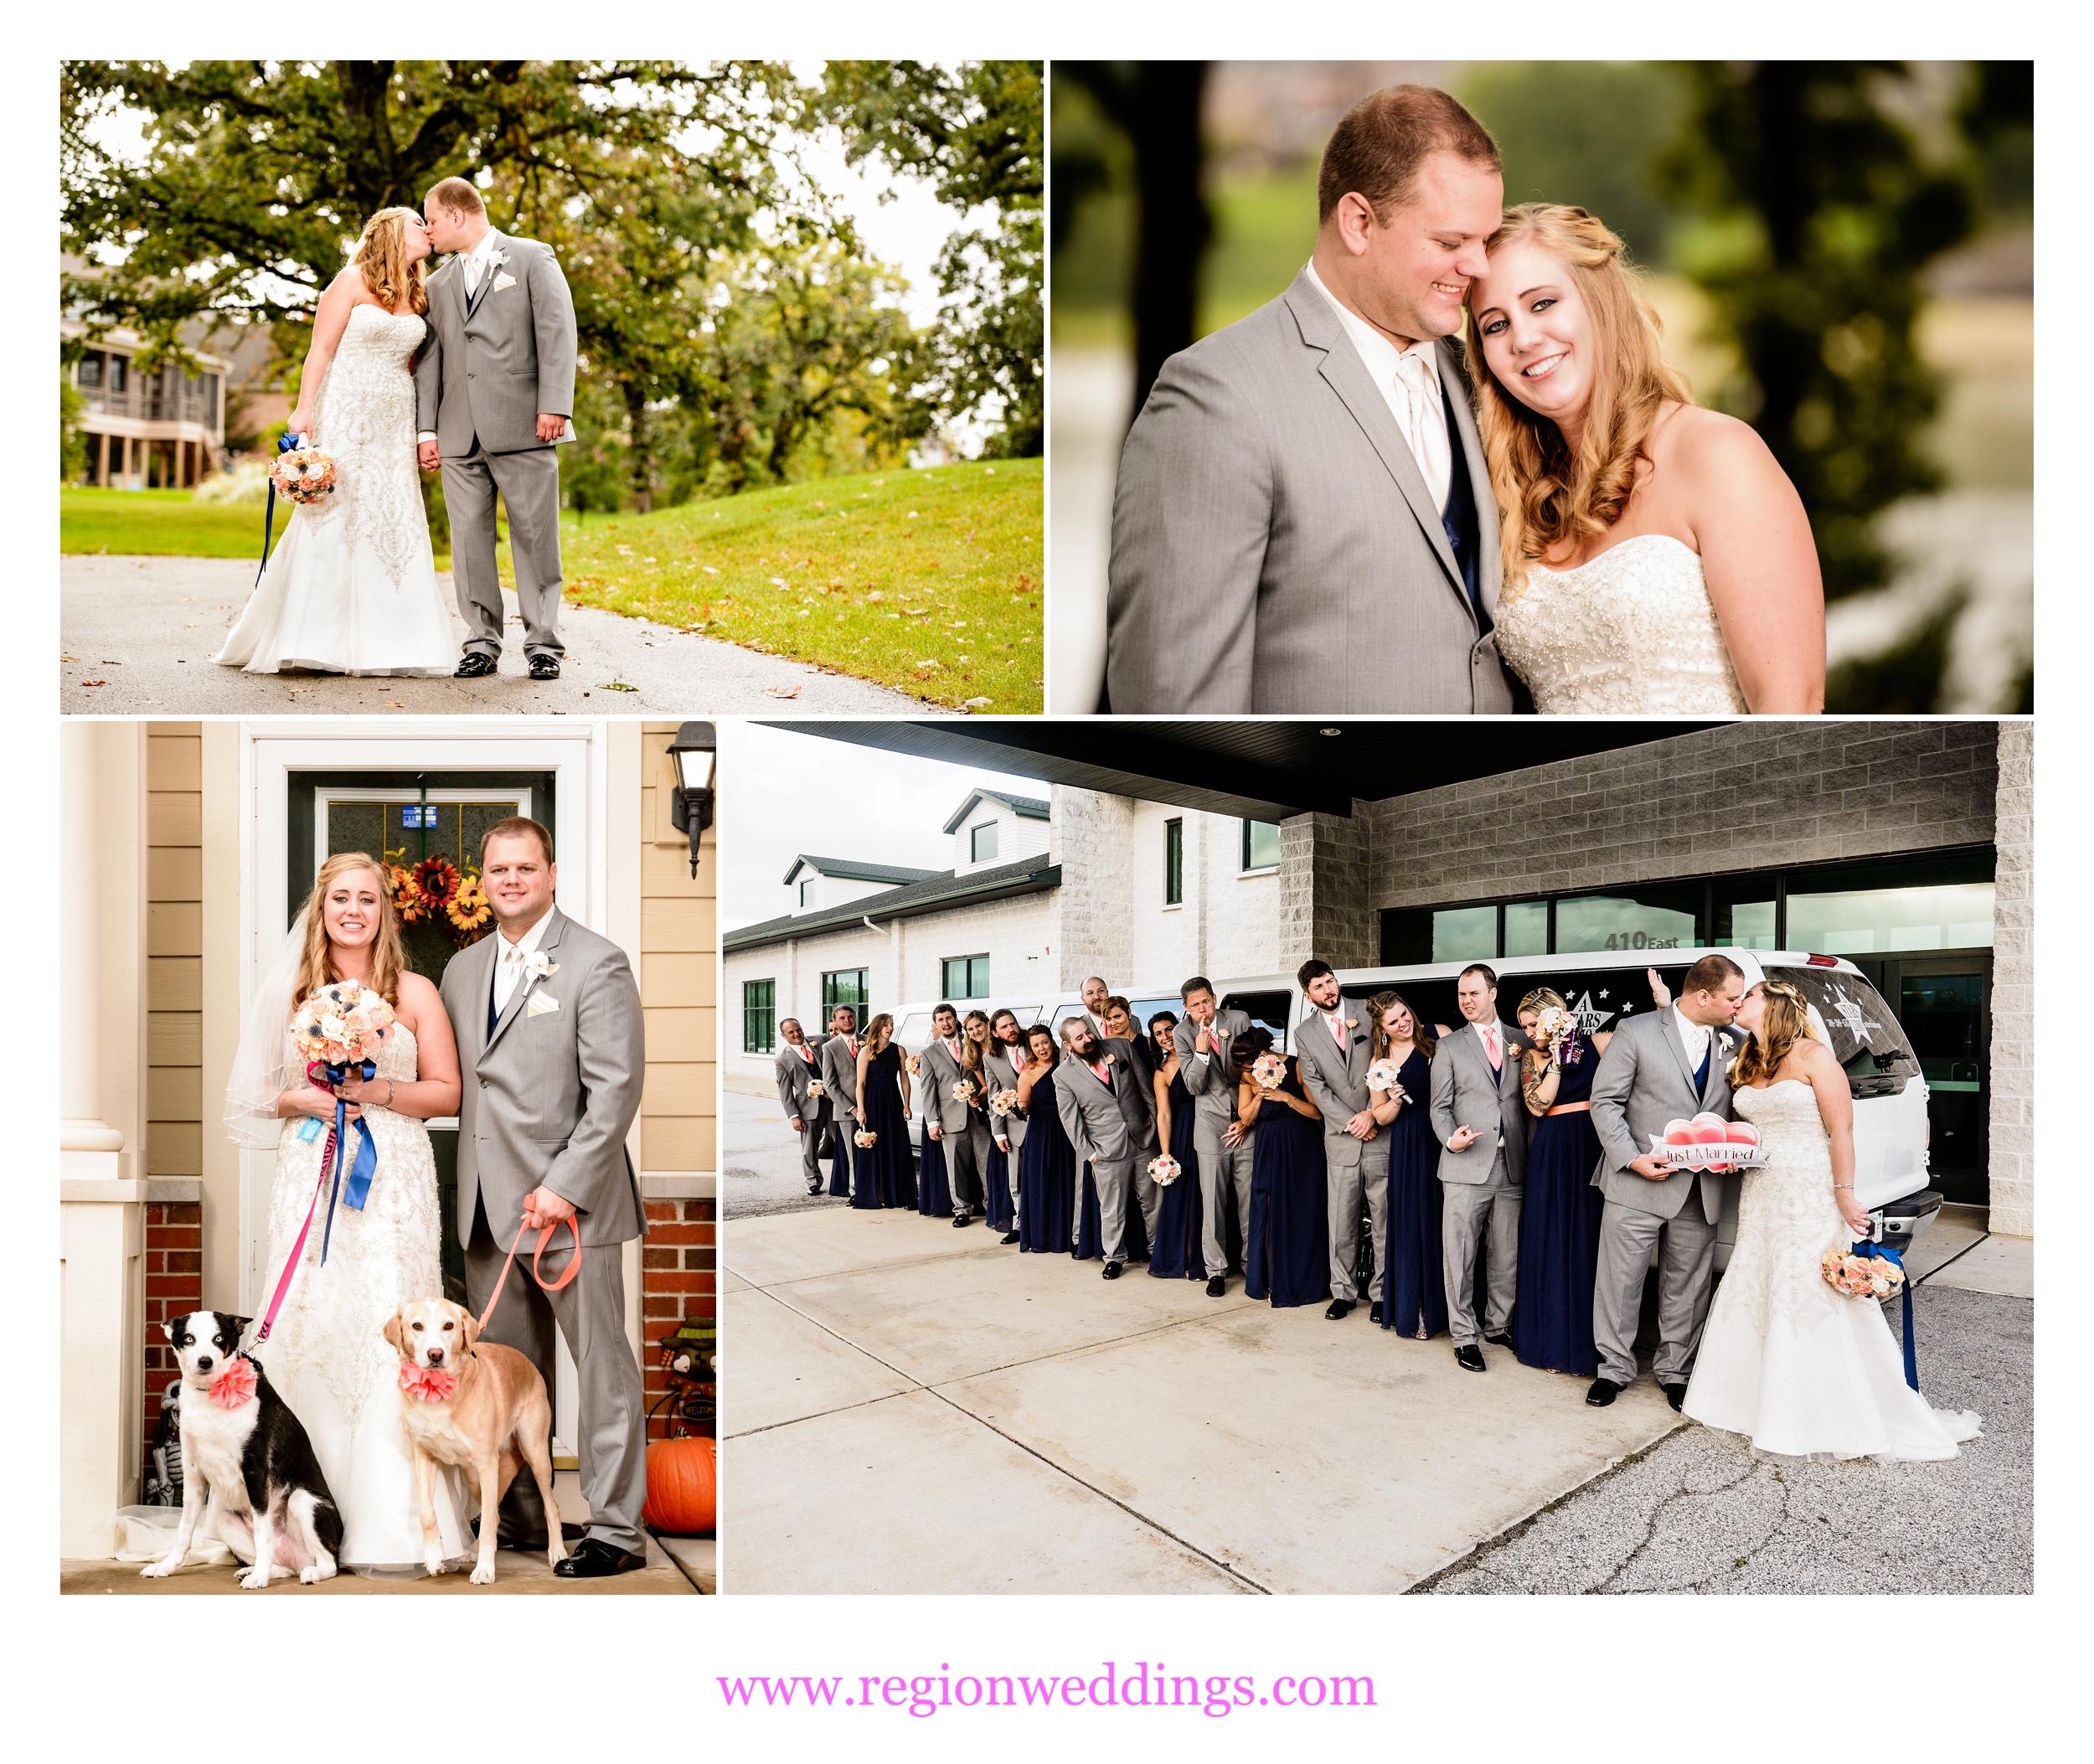 Outdoor, Fall wedding photos.